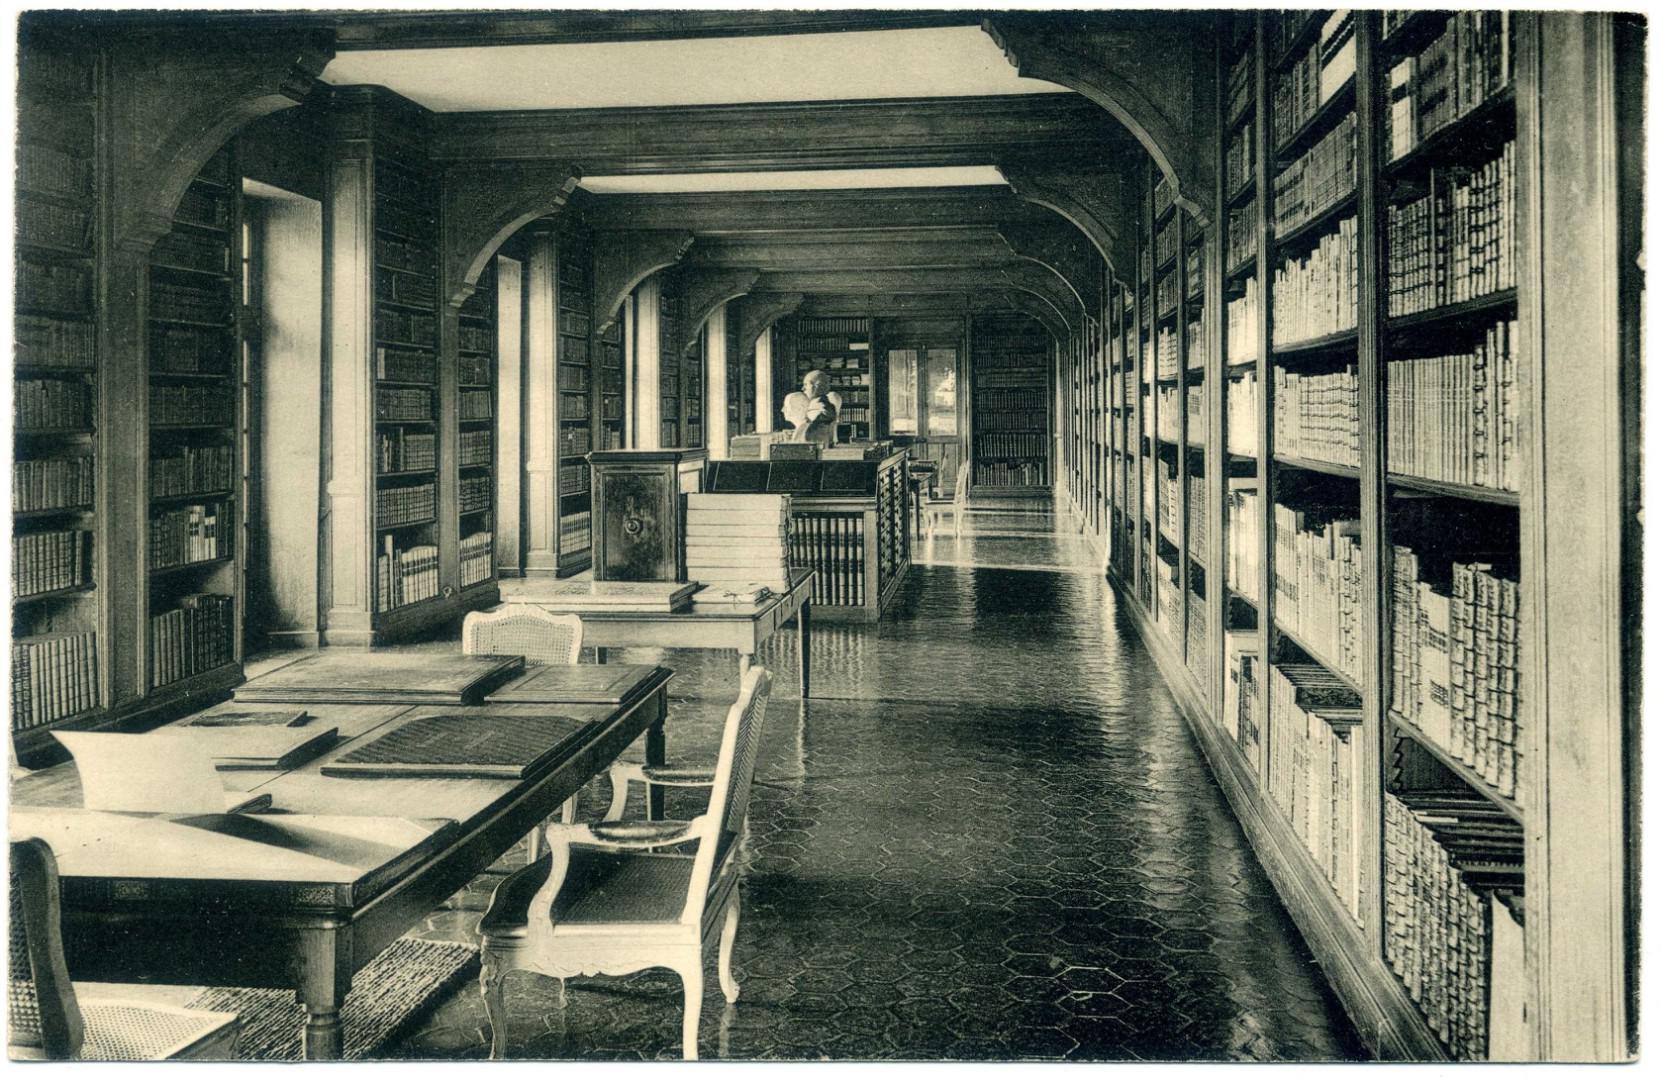 Dampierre-en-Yvelines: Schloss Dampierre, Bibliothek